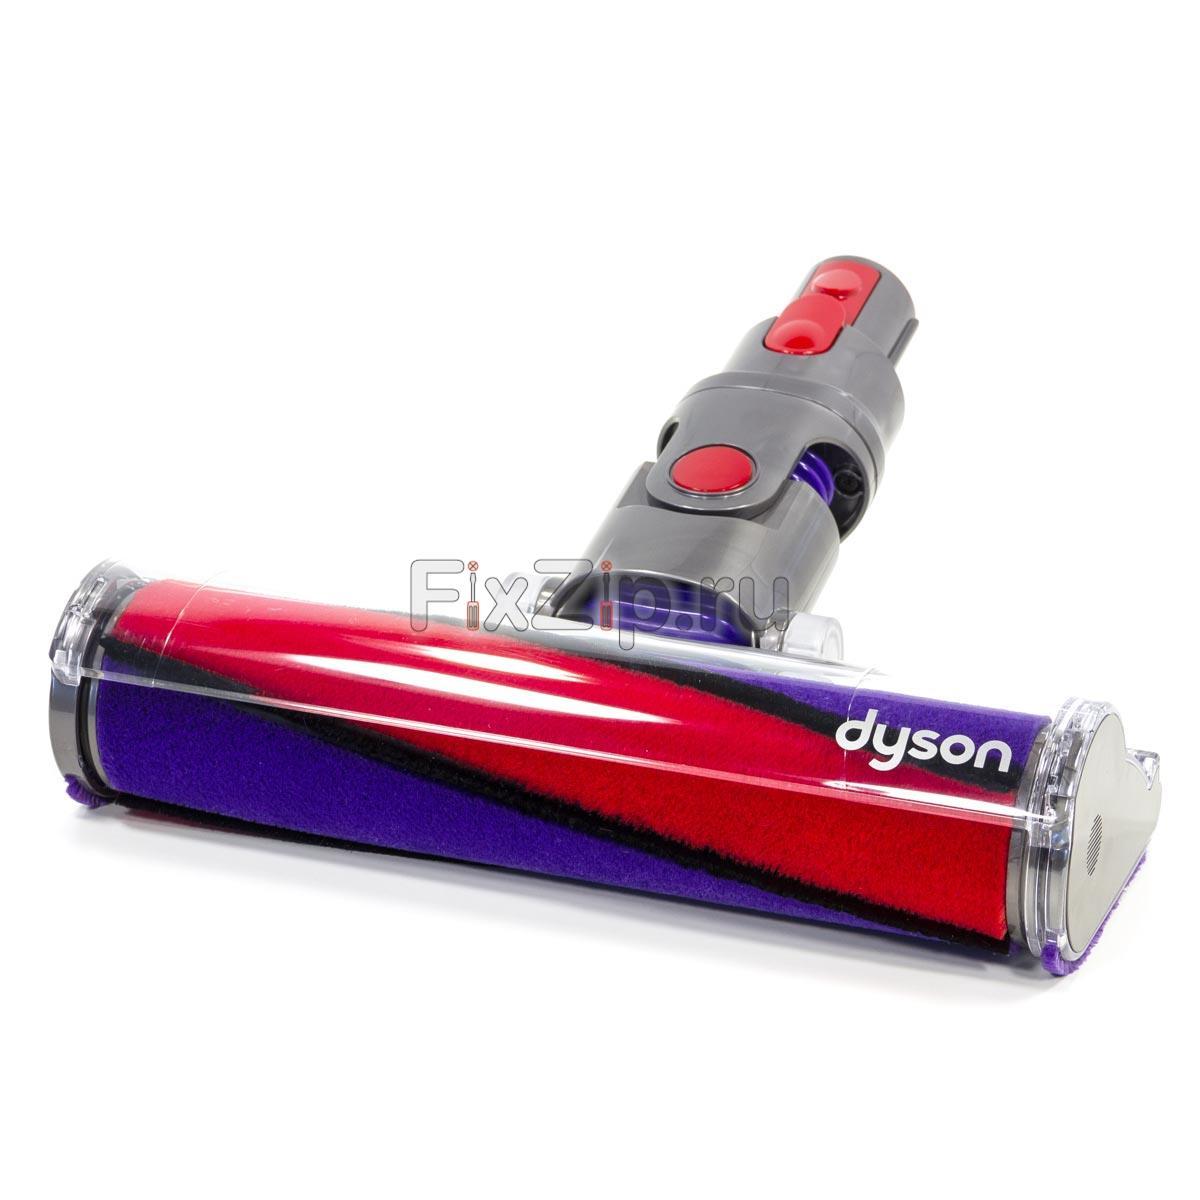 Dyson насадка с мягким валиком dyson пылесос беспроводной купить